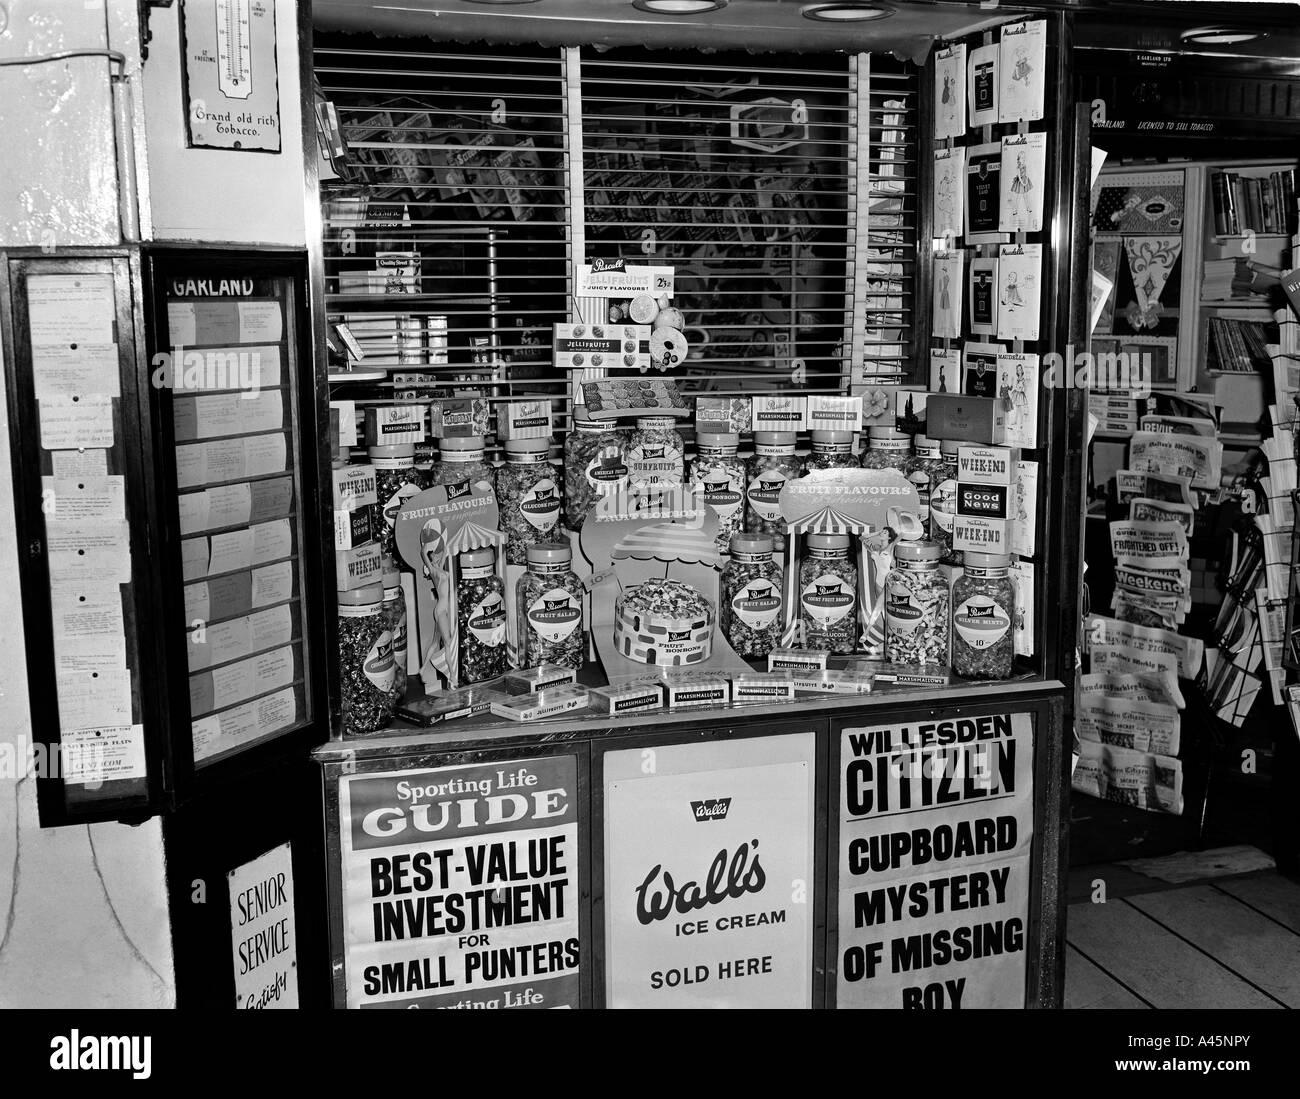 Willesden Shop Circa 1960 - Stock Image